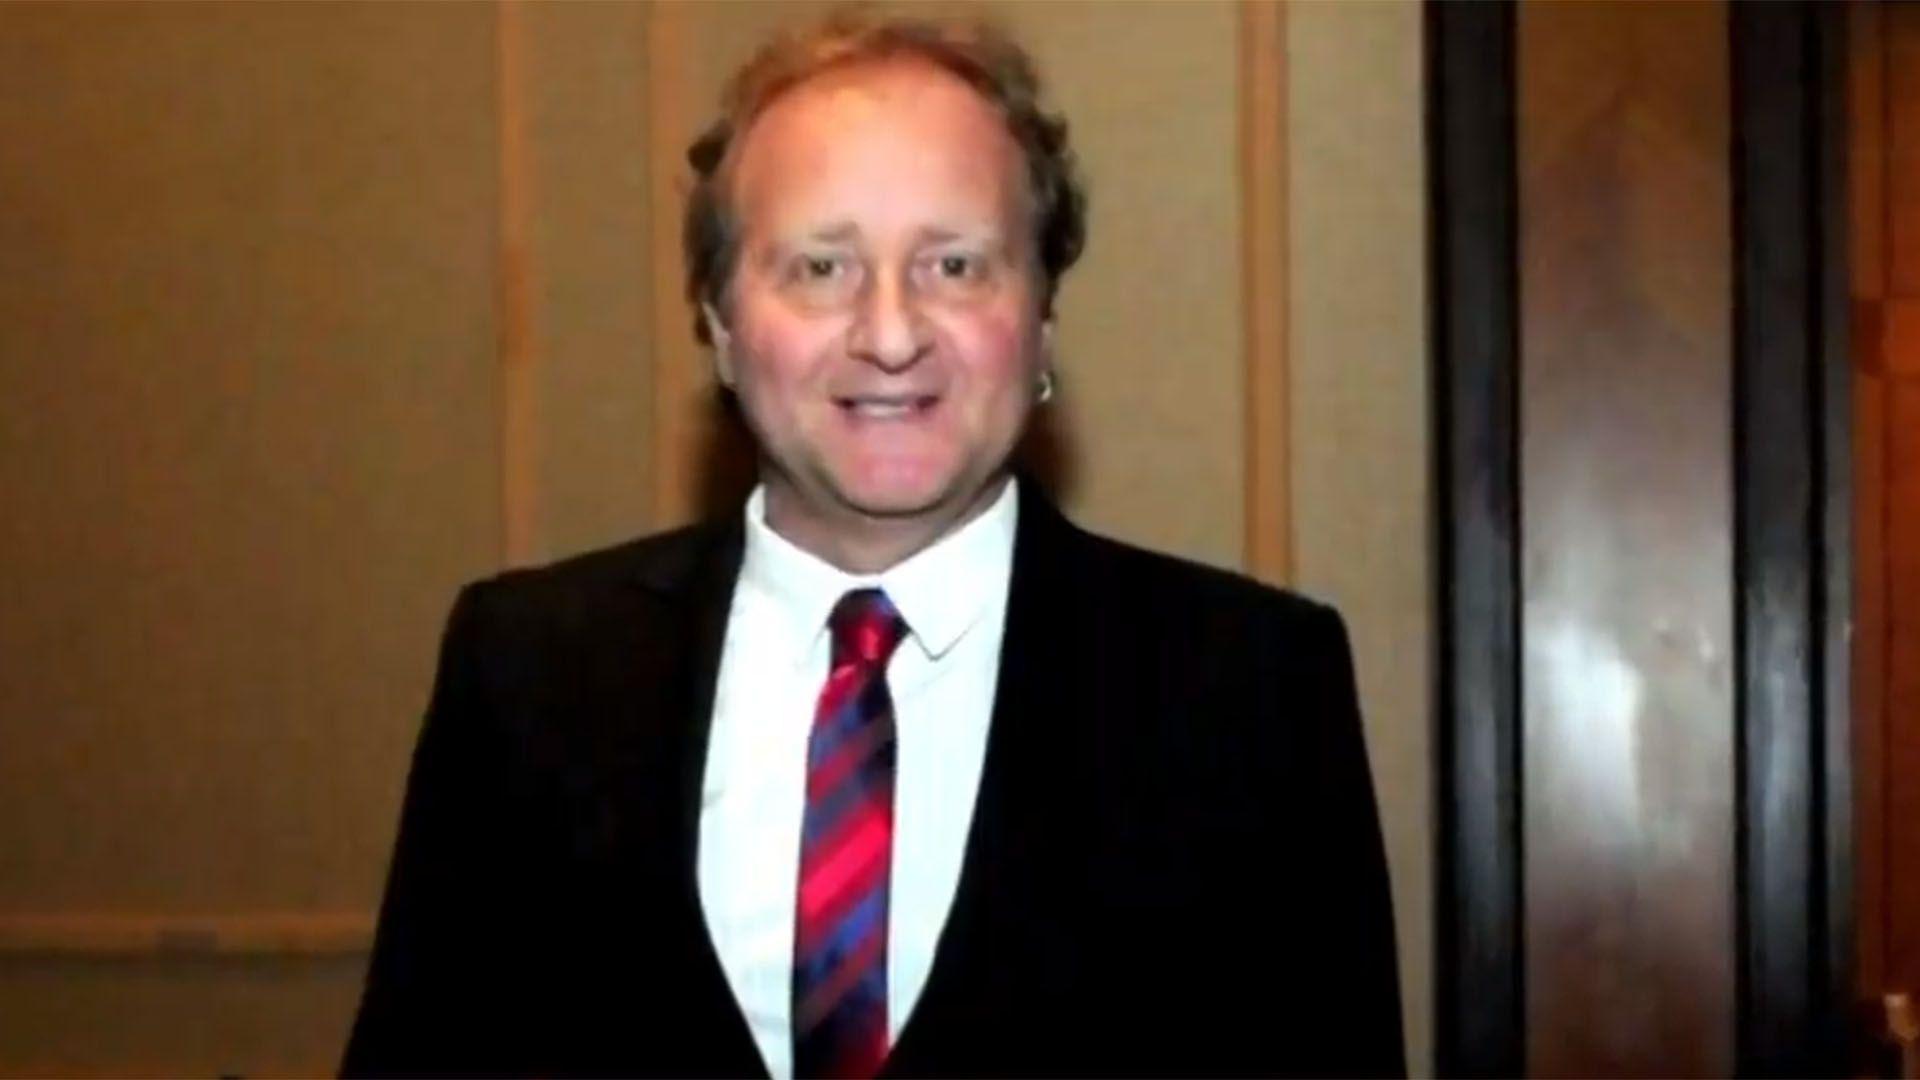 Gendler sintió los primeros síntomas de inflamación intestinal en 1997 y recibió el diagnóstico en 2000